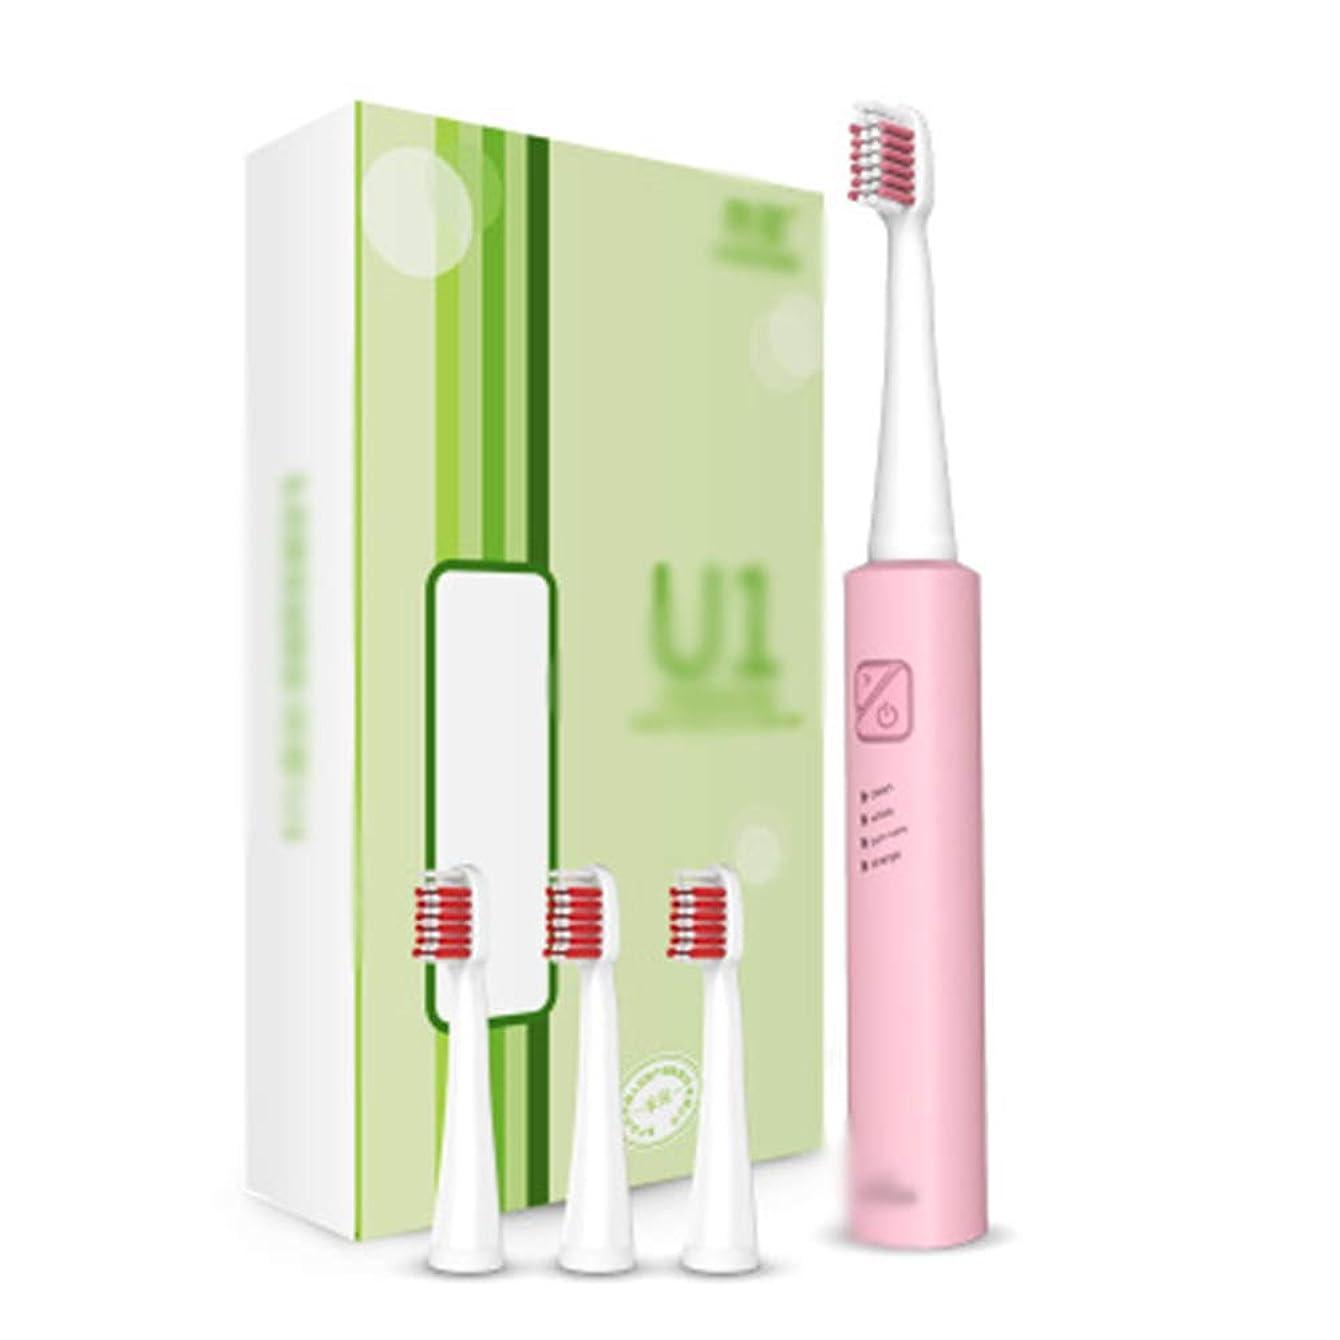 刺激する透ける尾USB充電式ソニック電動歯ブラシ、31000回/分振動周波数、防水IPX7フルボディ,C